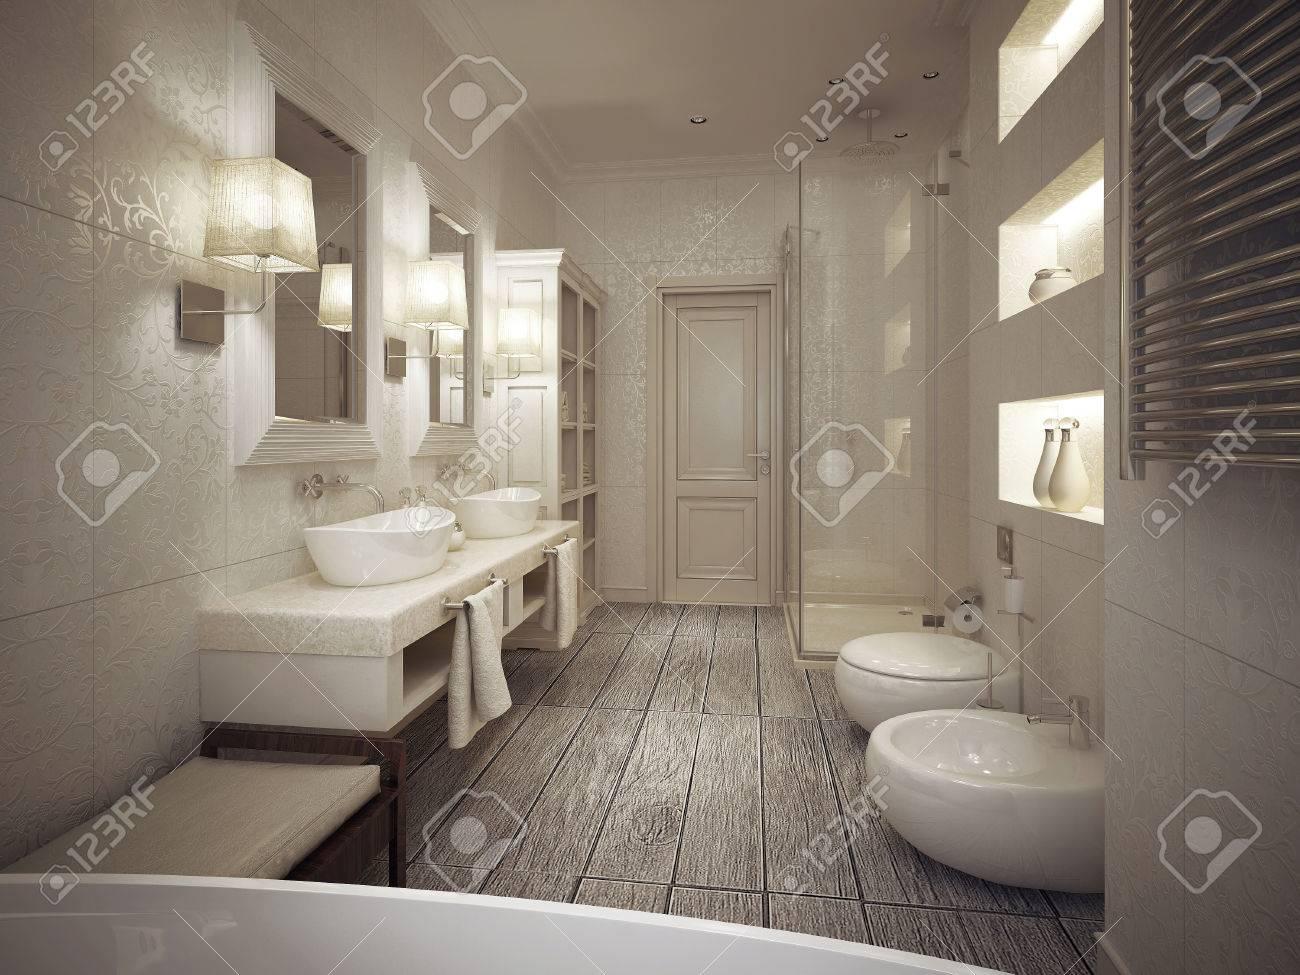 Il bagno è uno stile classico con piastrelle a motivi geometrici nei